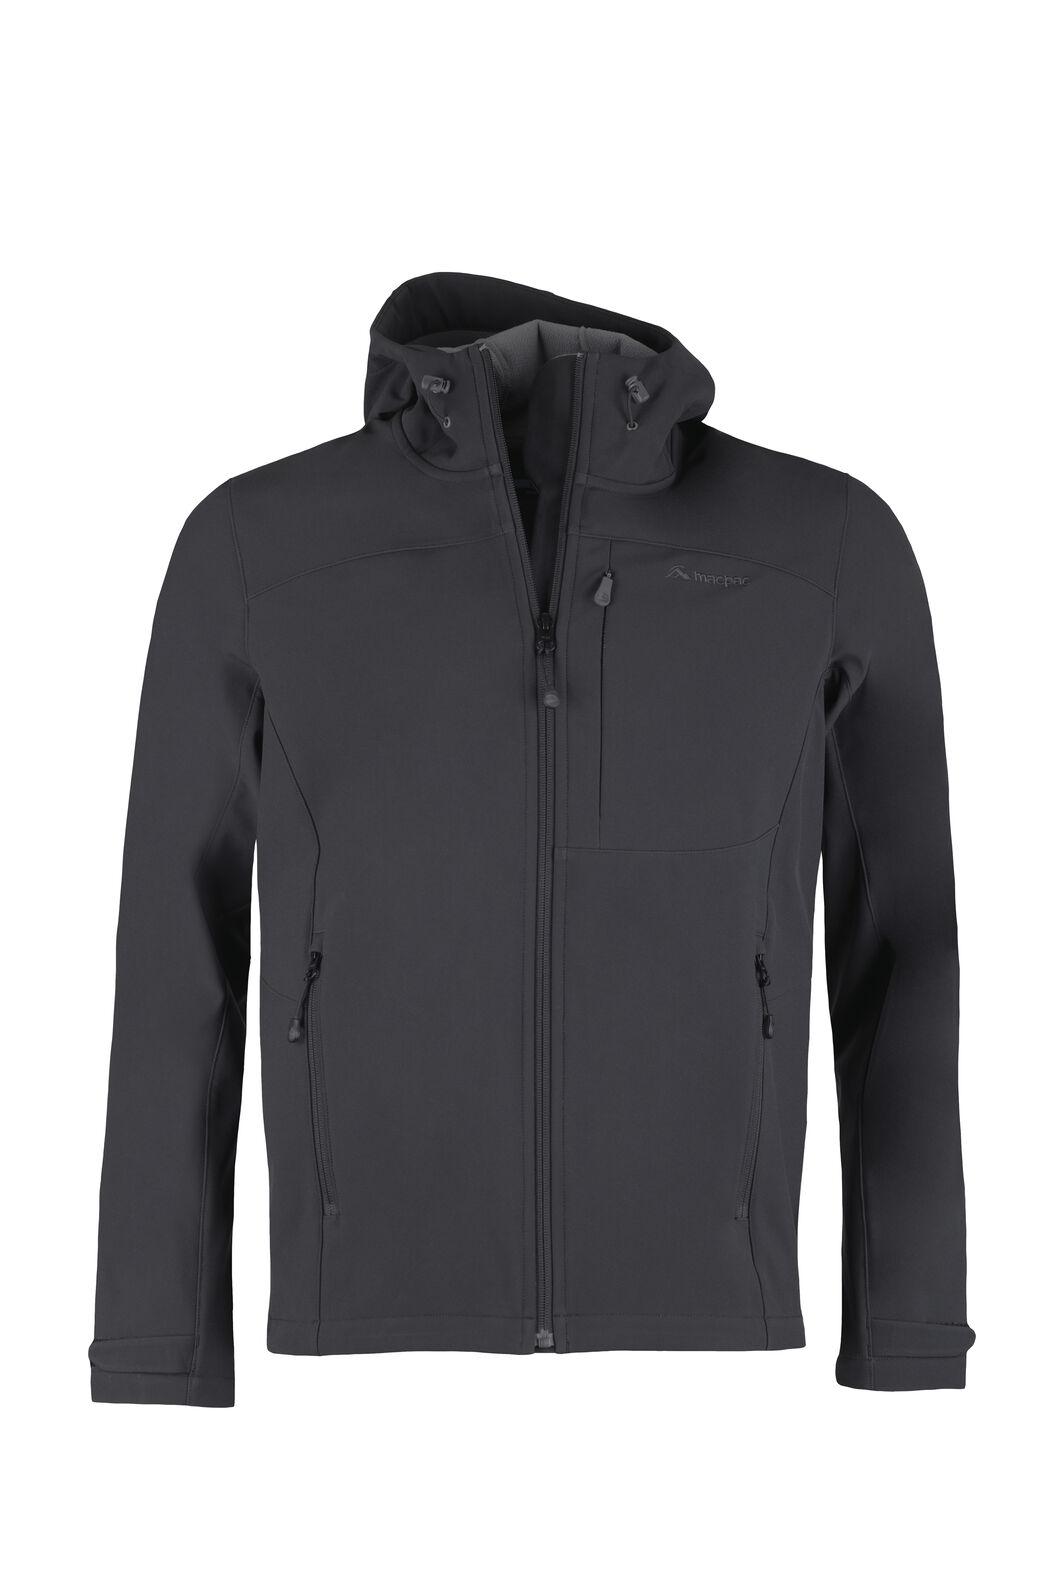 Macpac Sabre Hooded Softshell Jacket — Men's, Black, hi-res